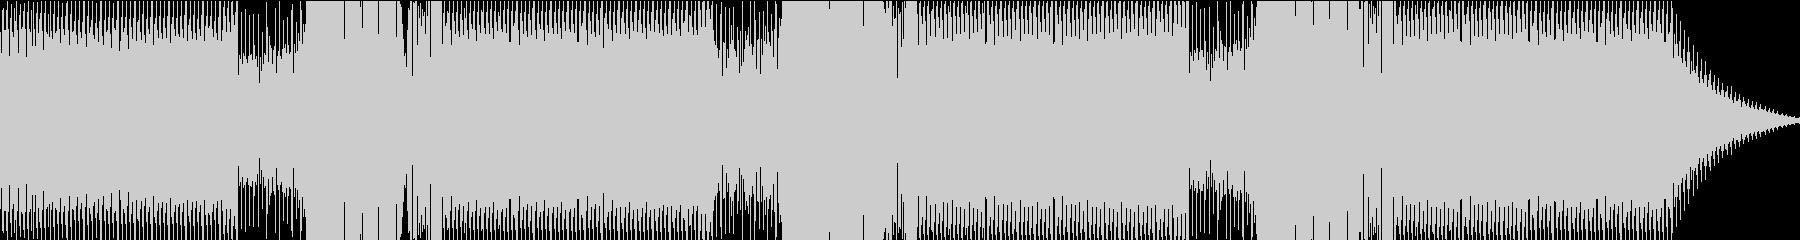 心地よい重低音なエレクトロビートの未再生の波形